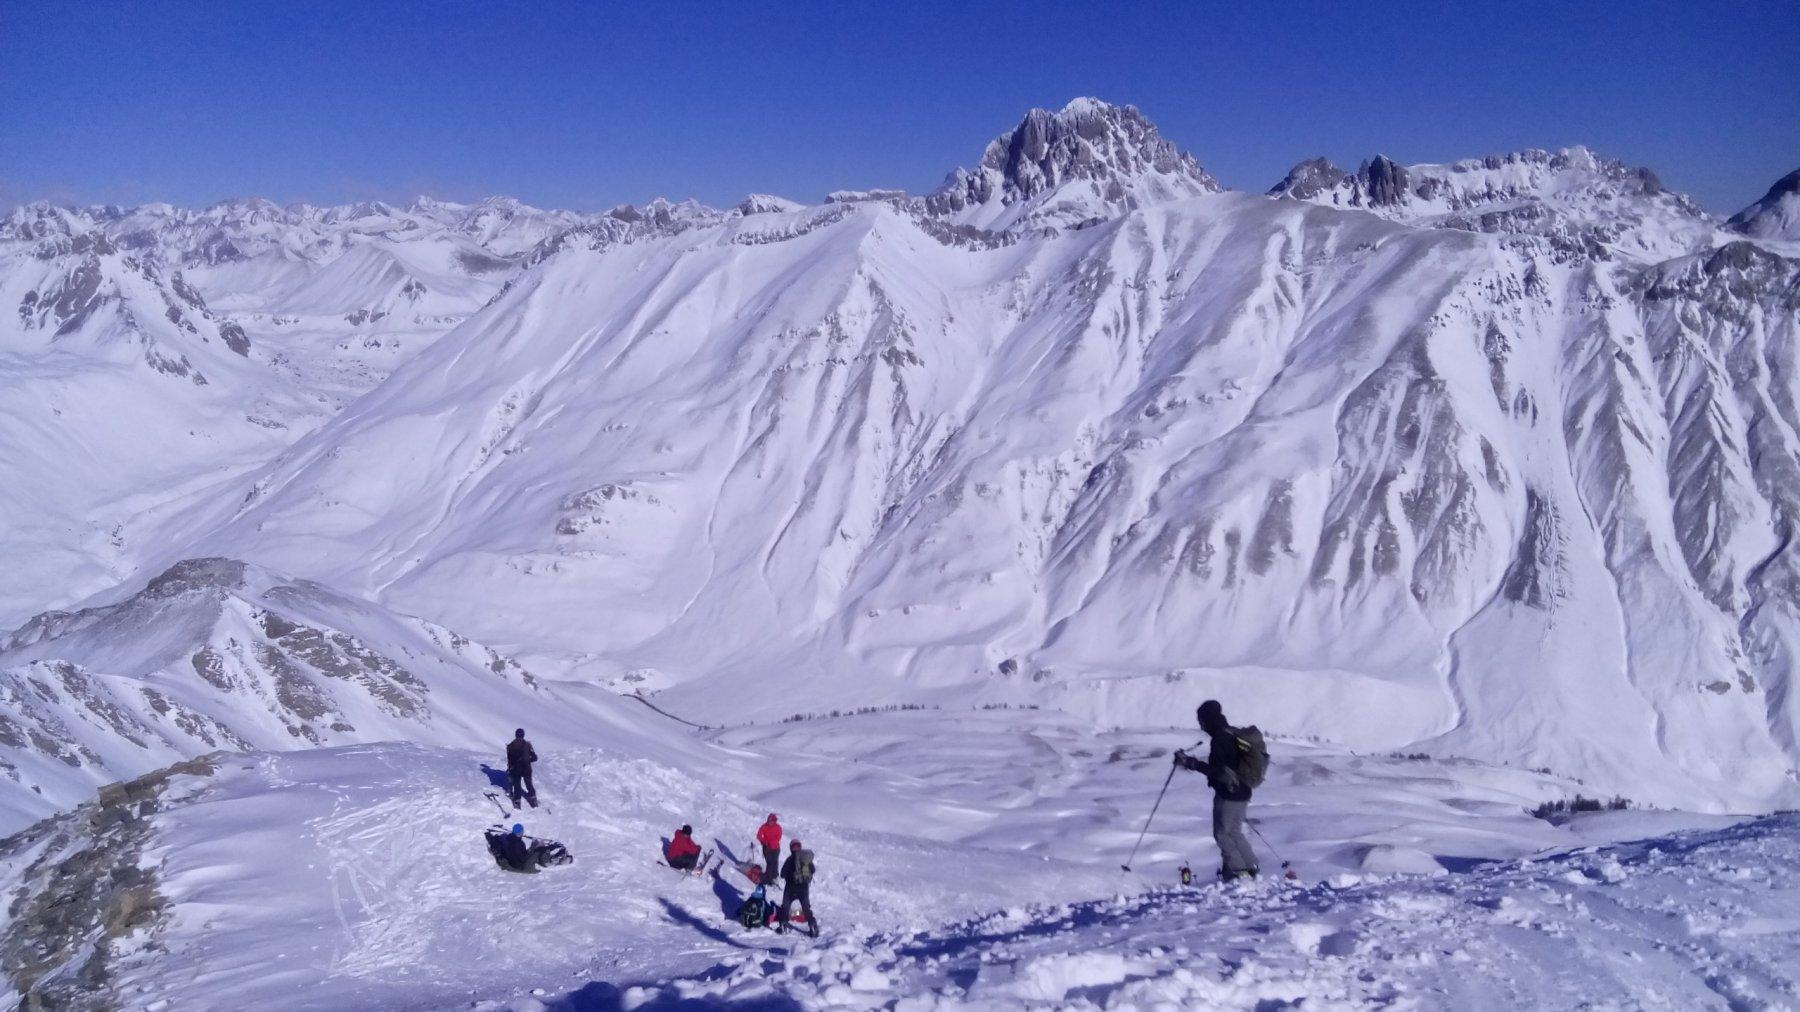 03 - inizio discesa dalla cima, Oronaye sullo sfondo